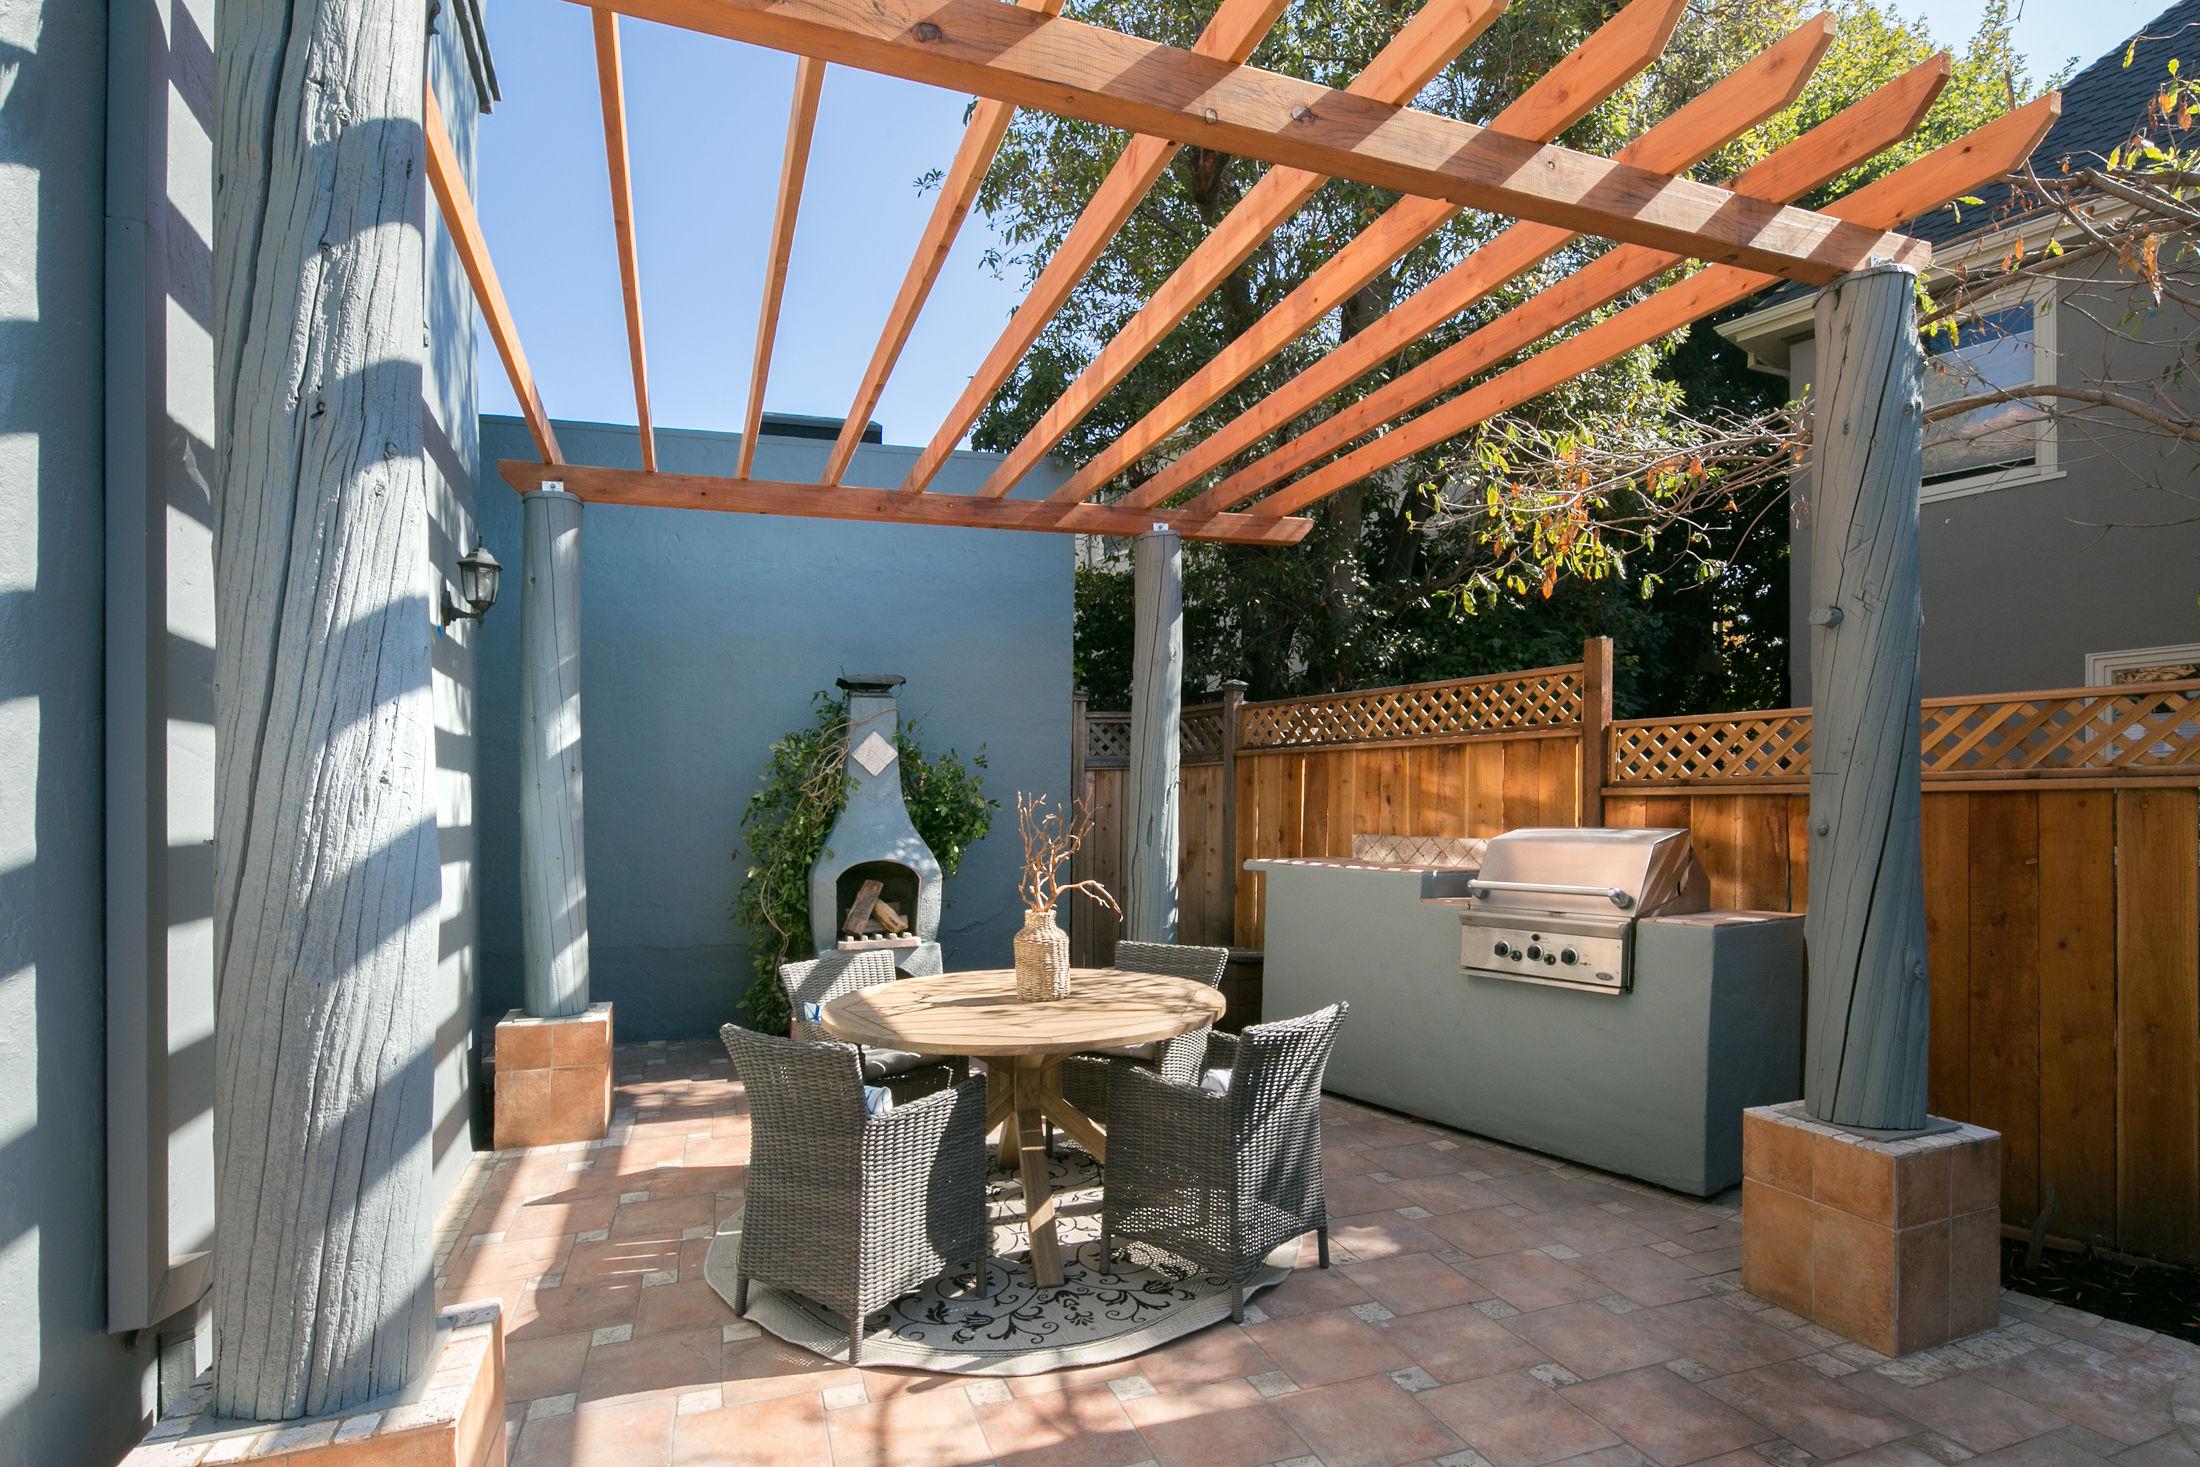 Crocker Highlands Modern Mediterranean Home Design and Staging- after